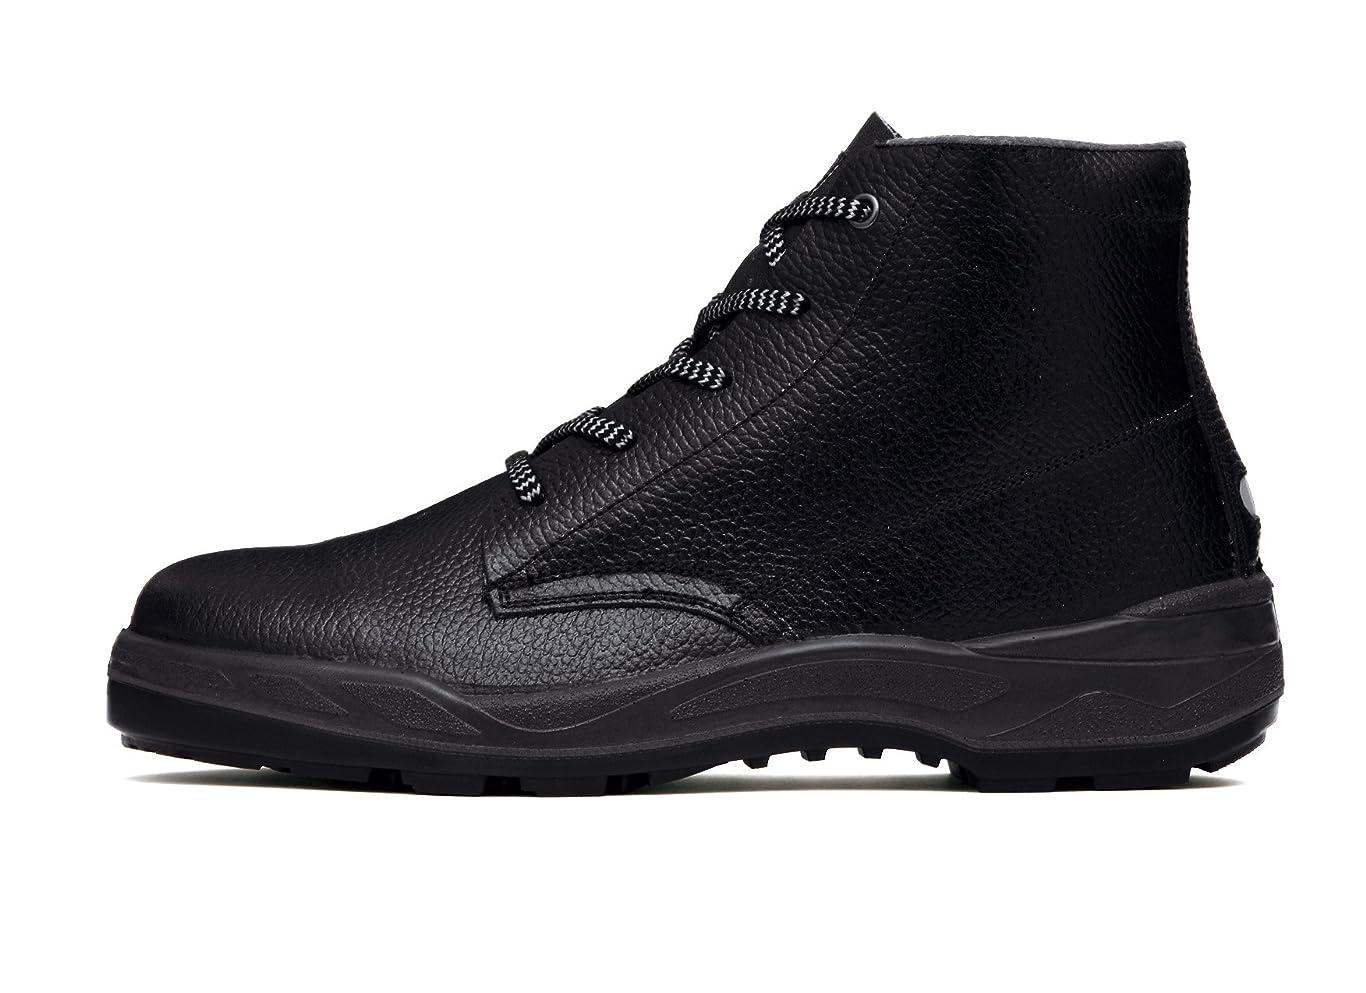 しないでくださいに関して顔料(ジーベック) XEBEC JIS規格合格品 安全靴 中編上 (牛革シューズ) (85022-xe) 【24.5~29.0cmサイズ展開】